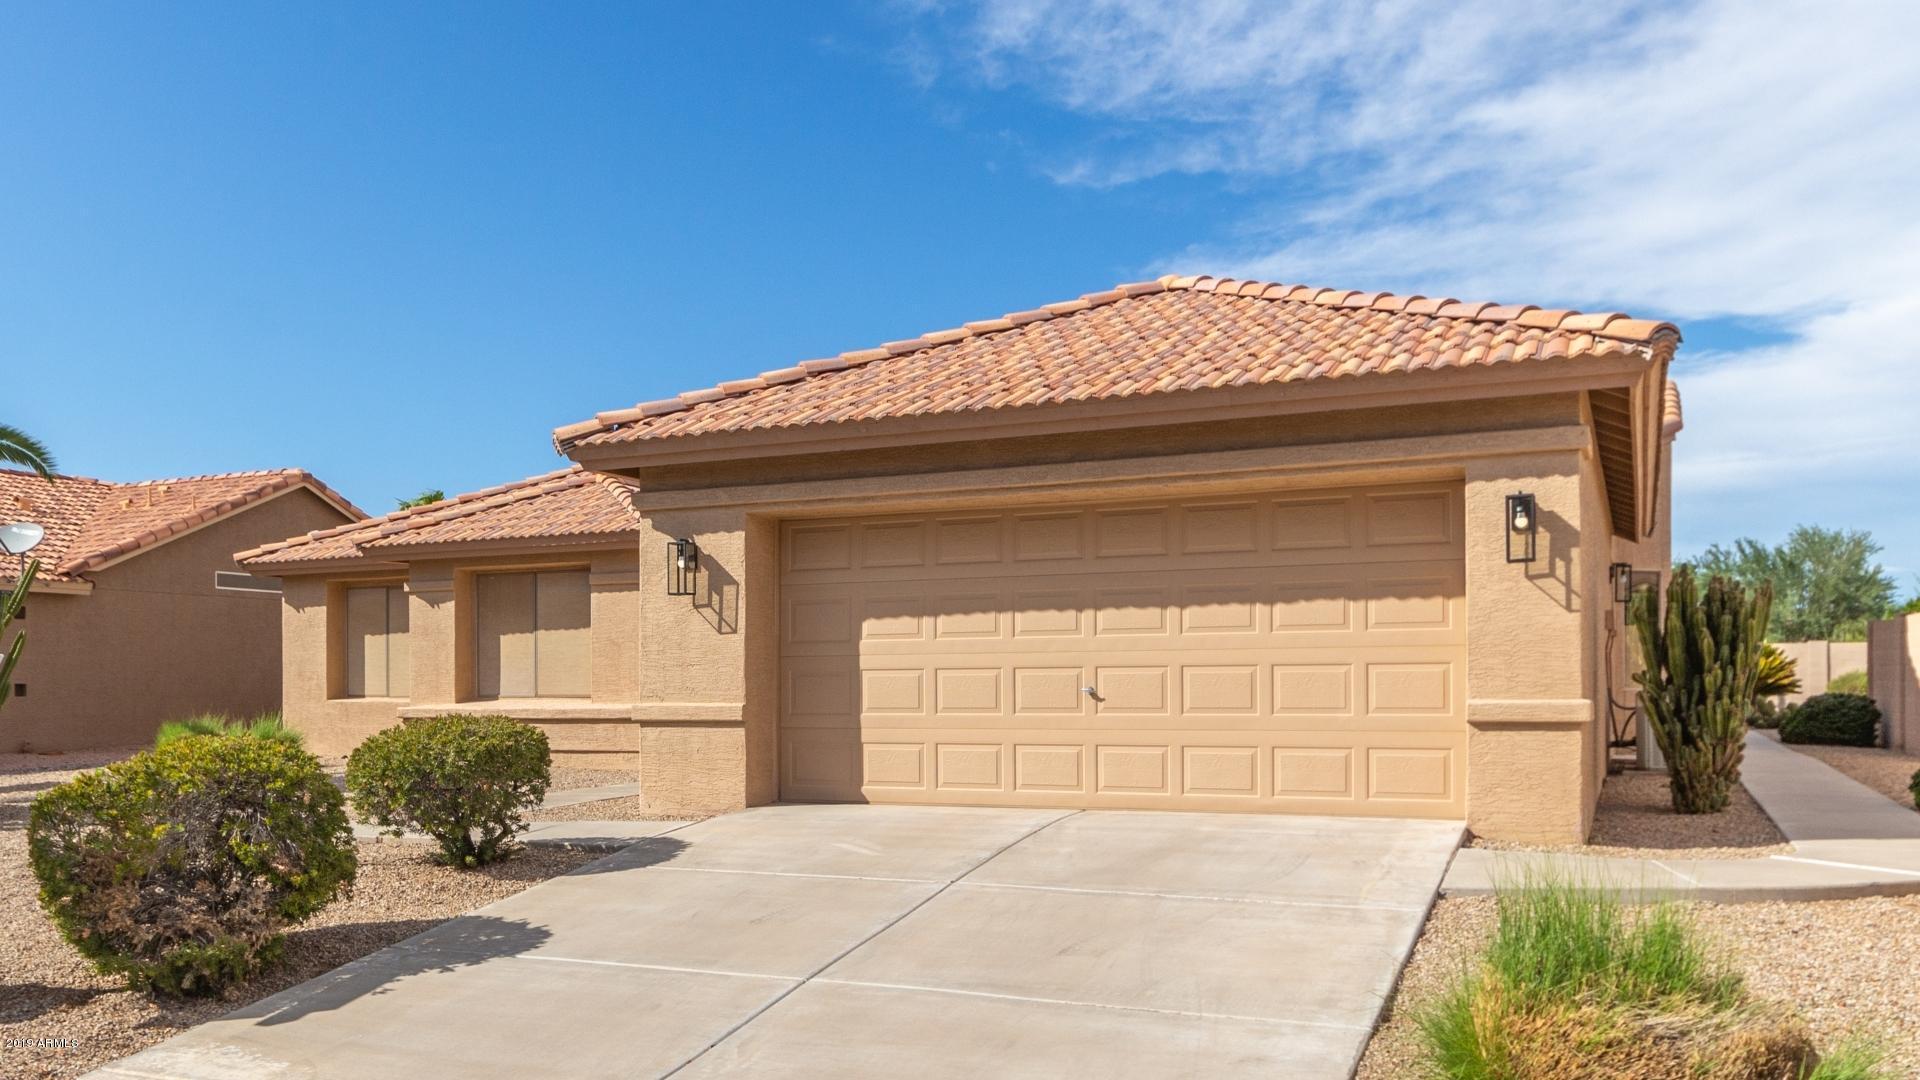 Photo for 10234 E Champagne Drive, Sun Lakes, AZ 85248 (MLS # 5979794)